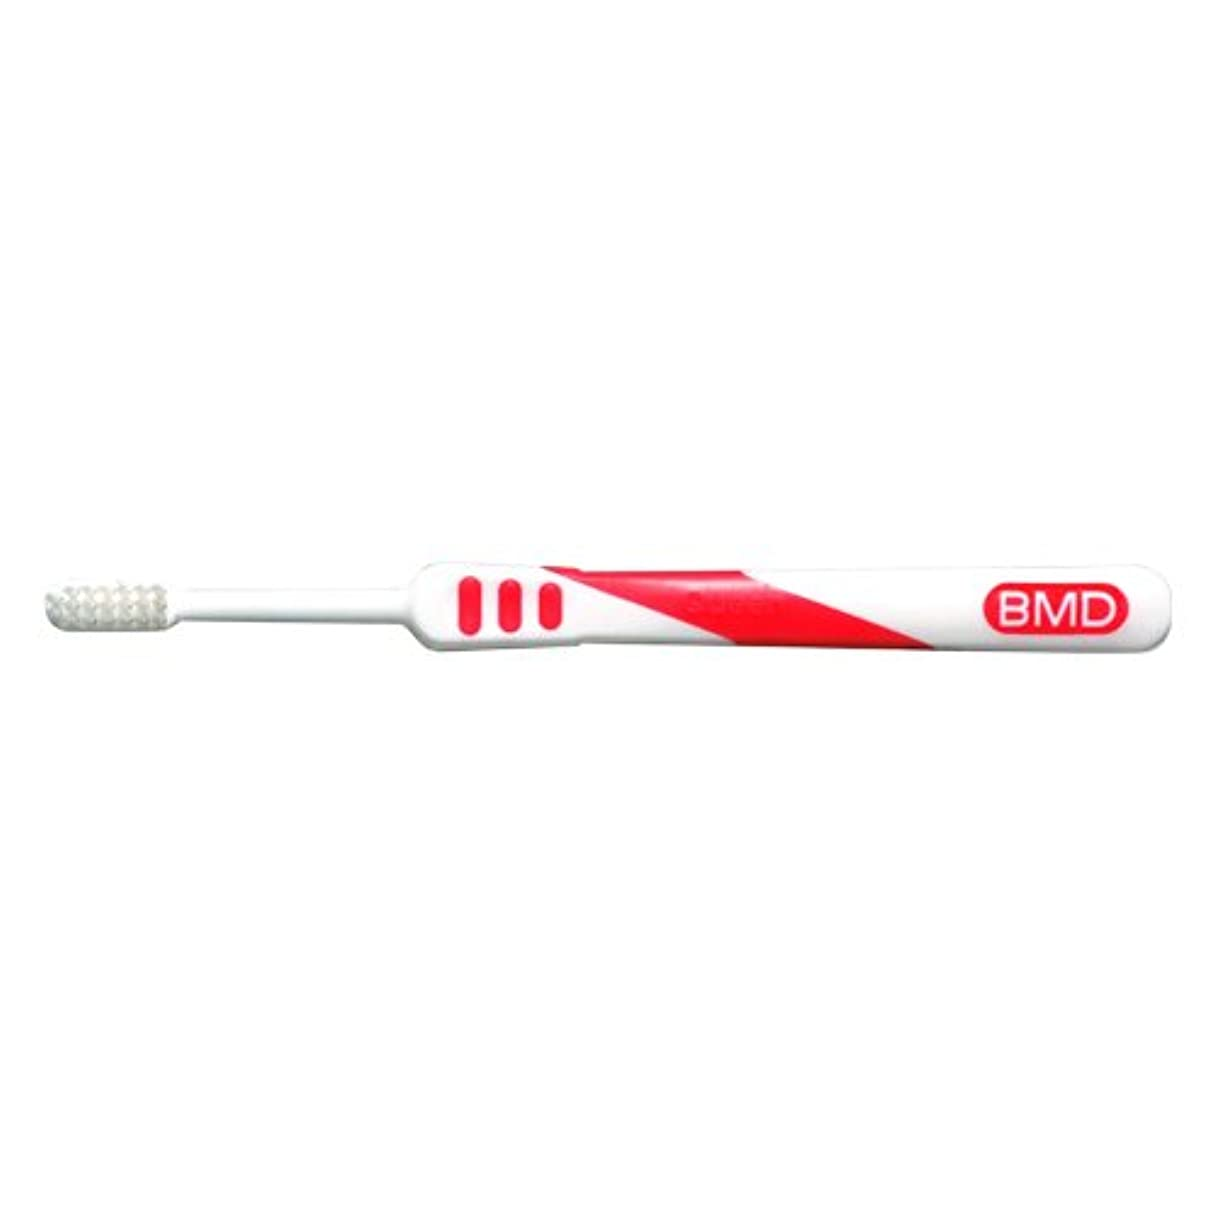 バングラデシュ雷雨署名ビーブランド ビークイーン歯ブラシ 1本 105 タイブピンク